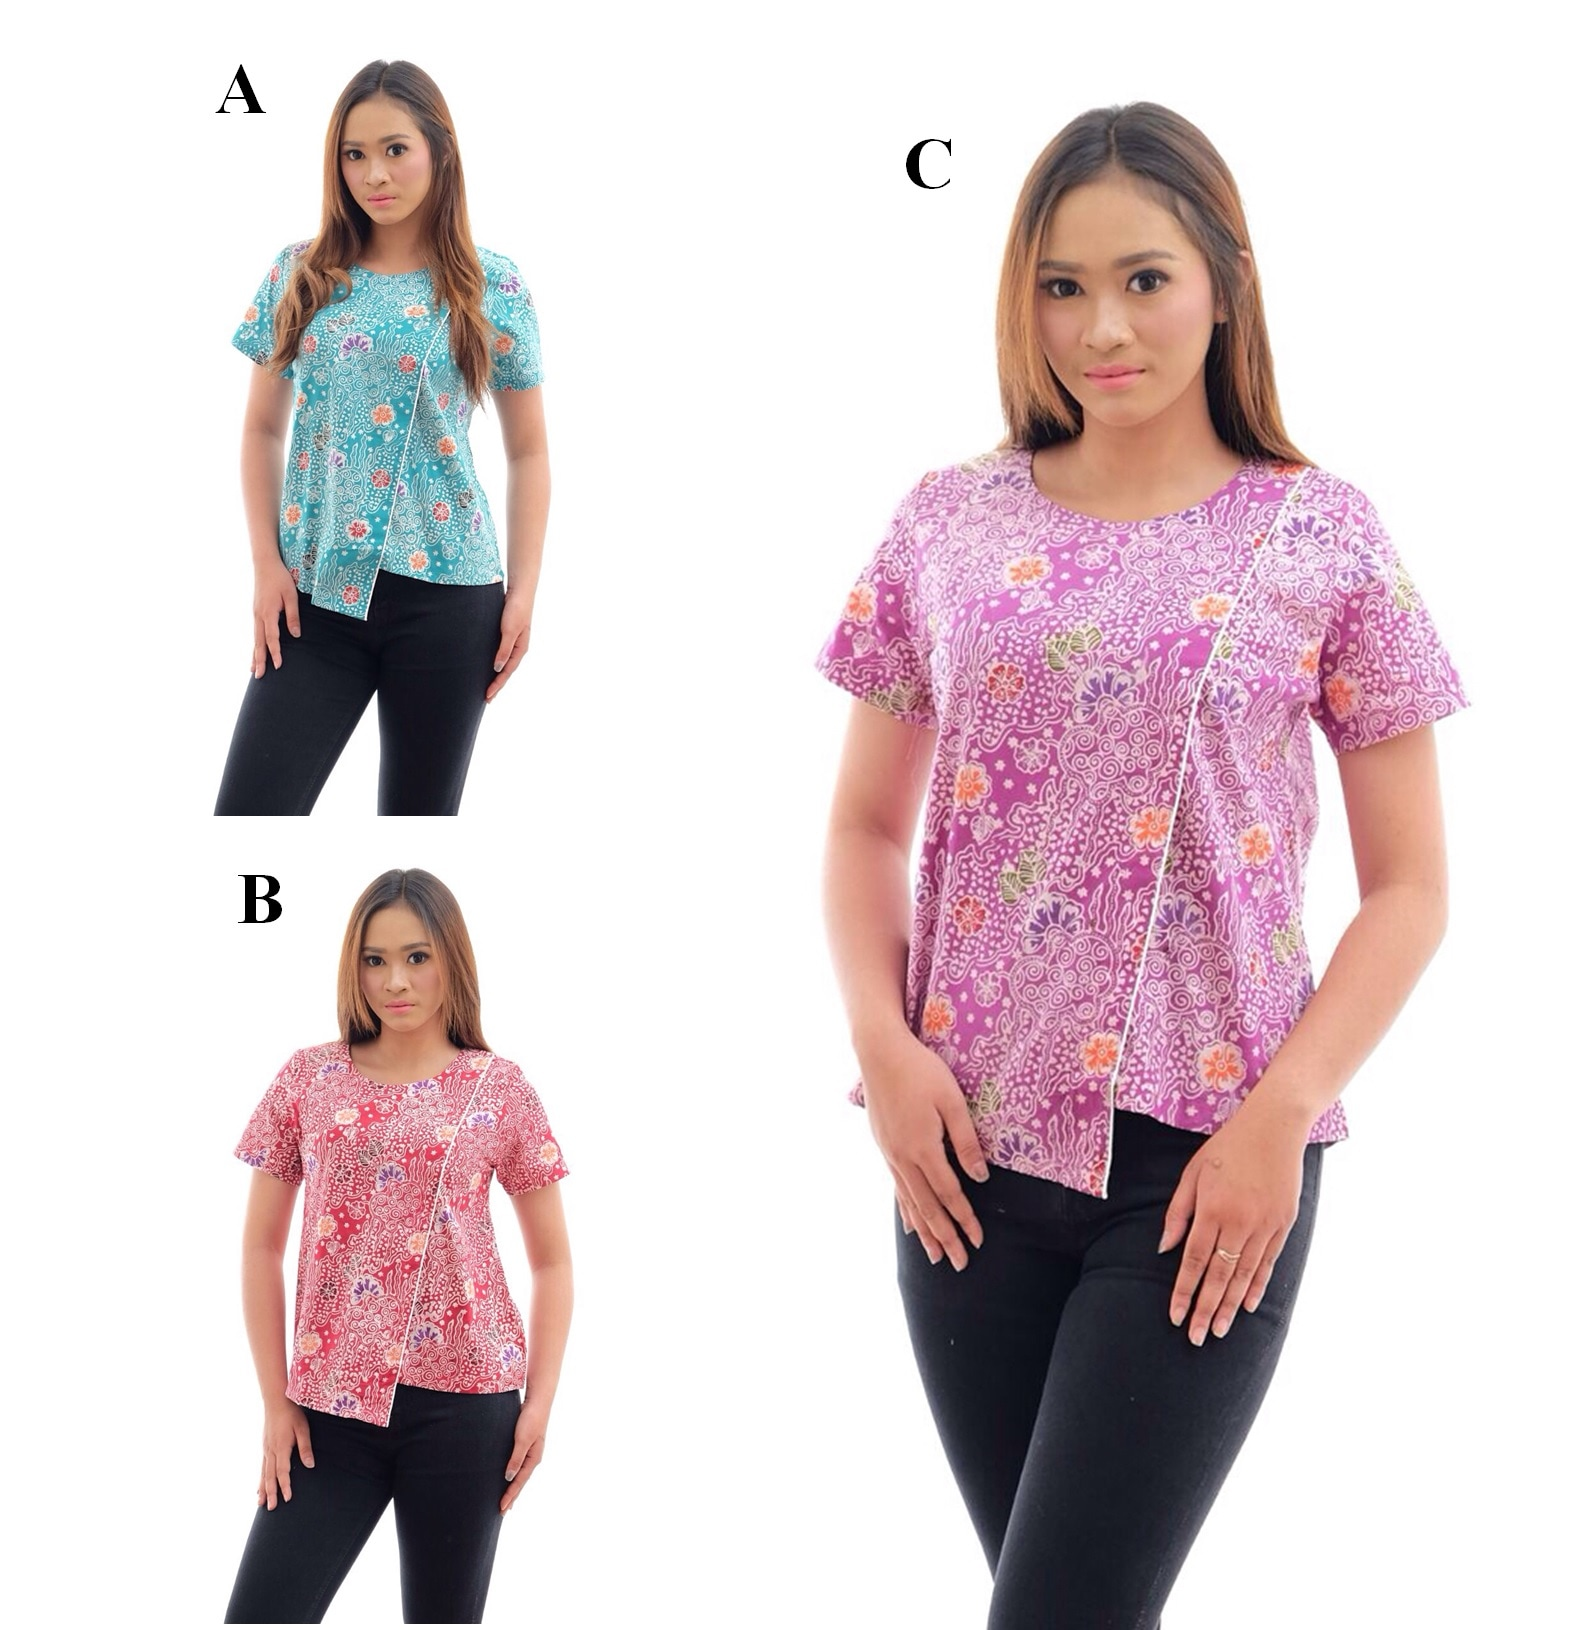 AKT0149 Atasan Batik Cap Colet Baju Seragam Wanita Murah Kemeja Kerja bb3ec5c0c0